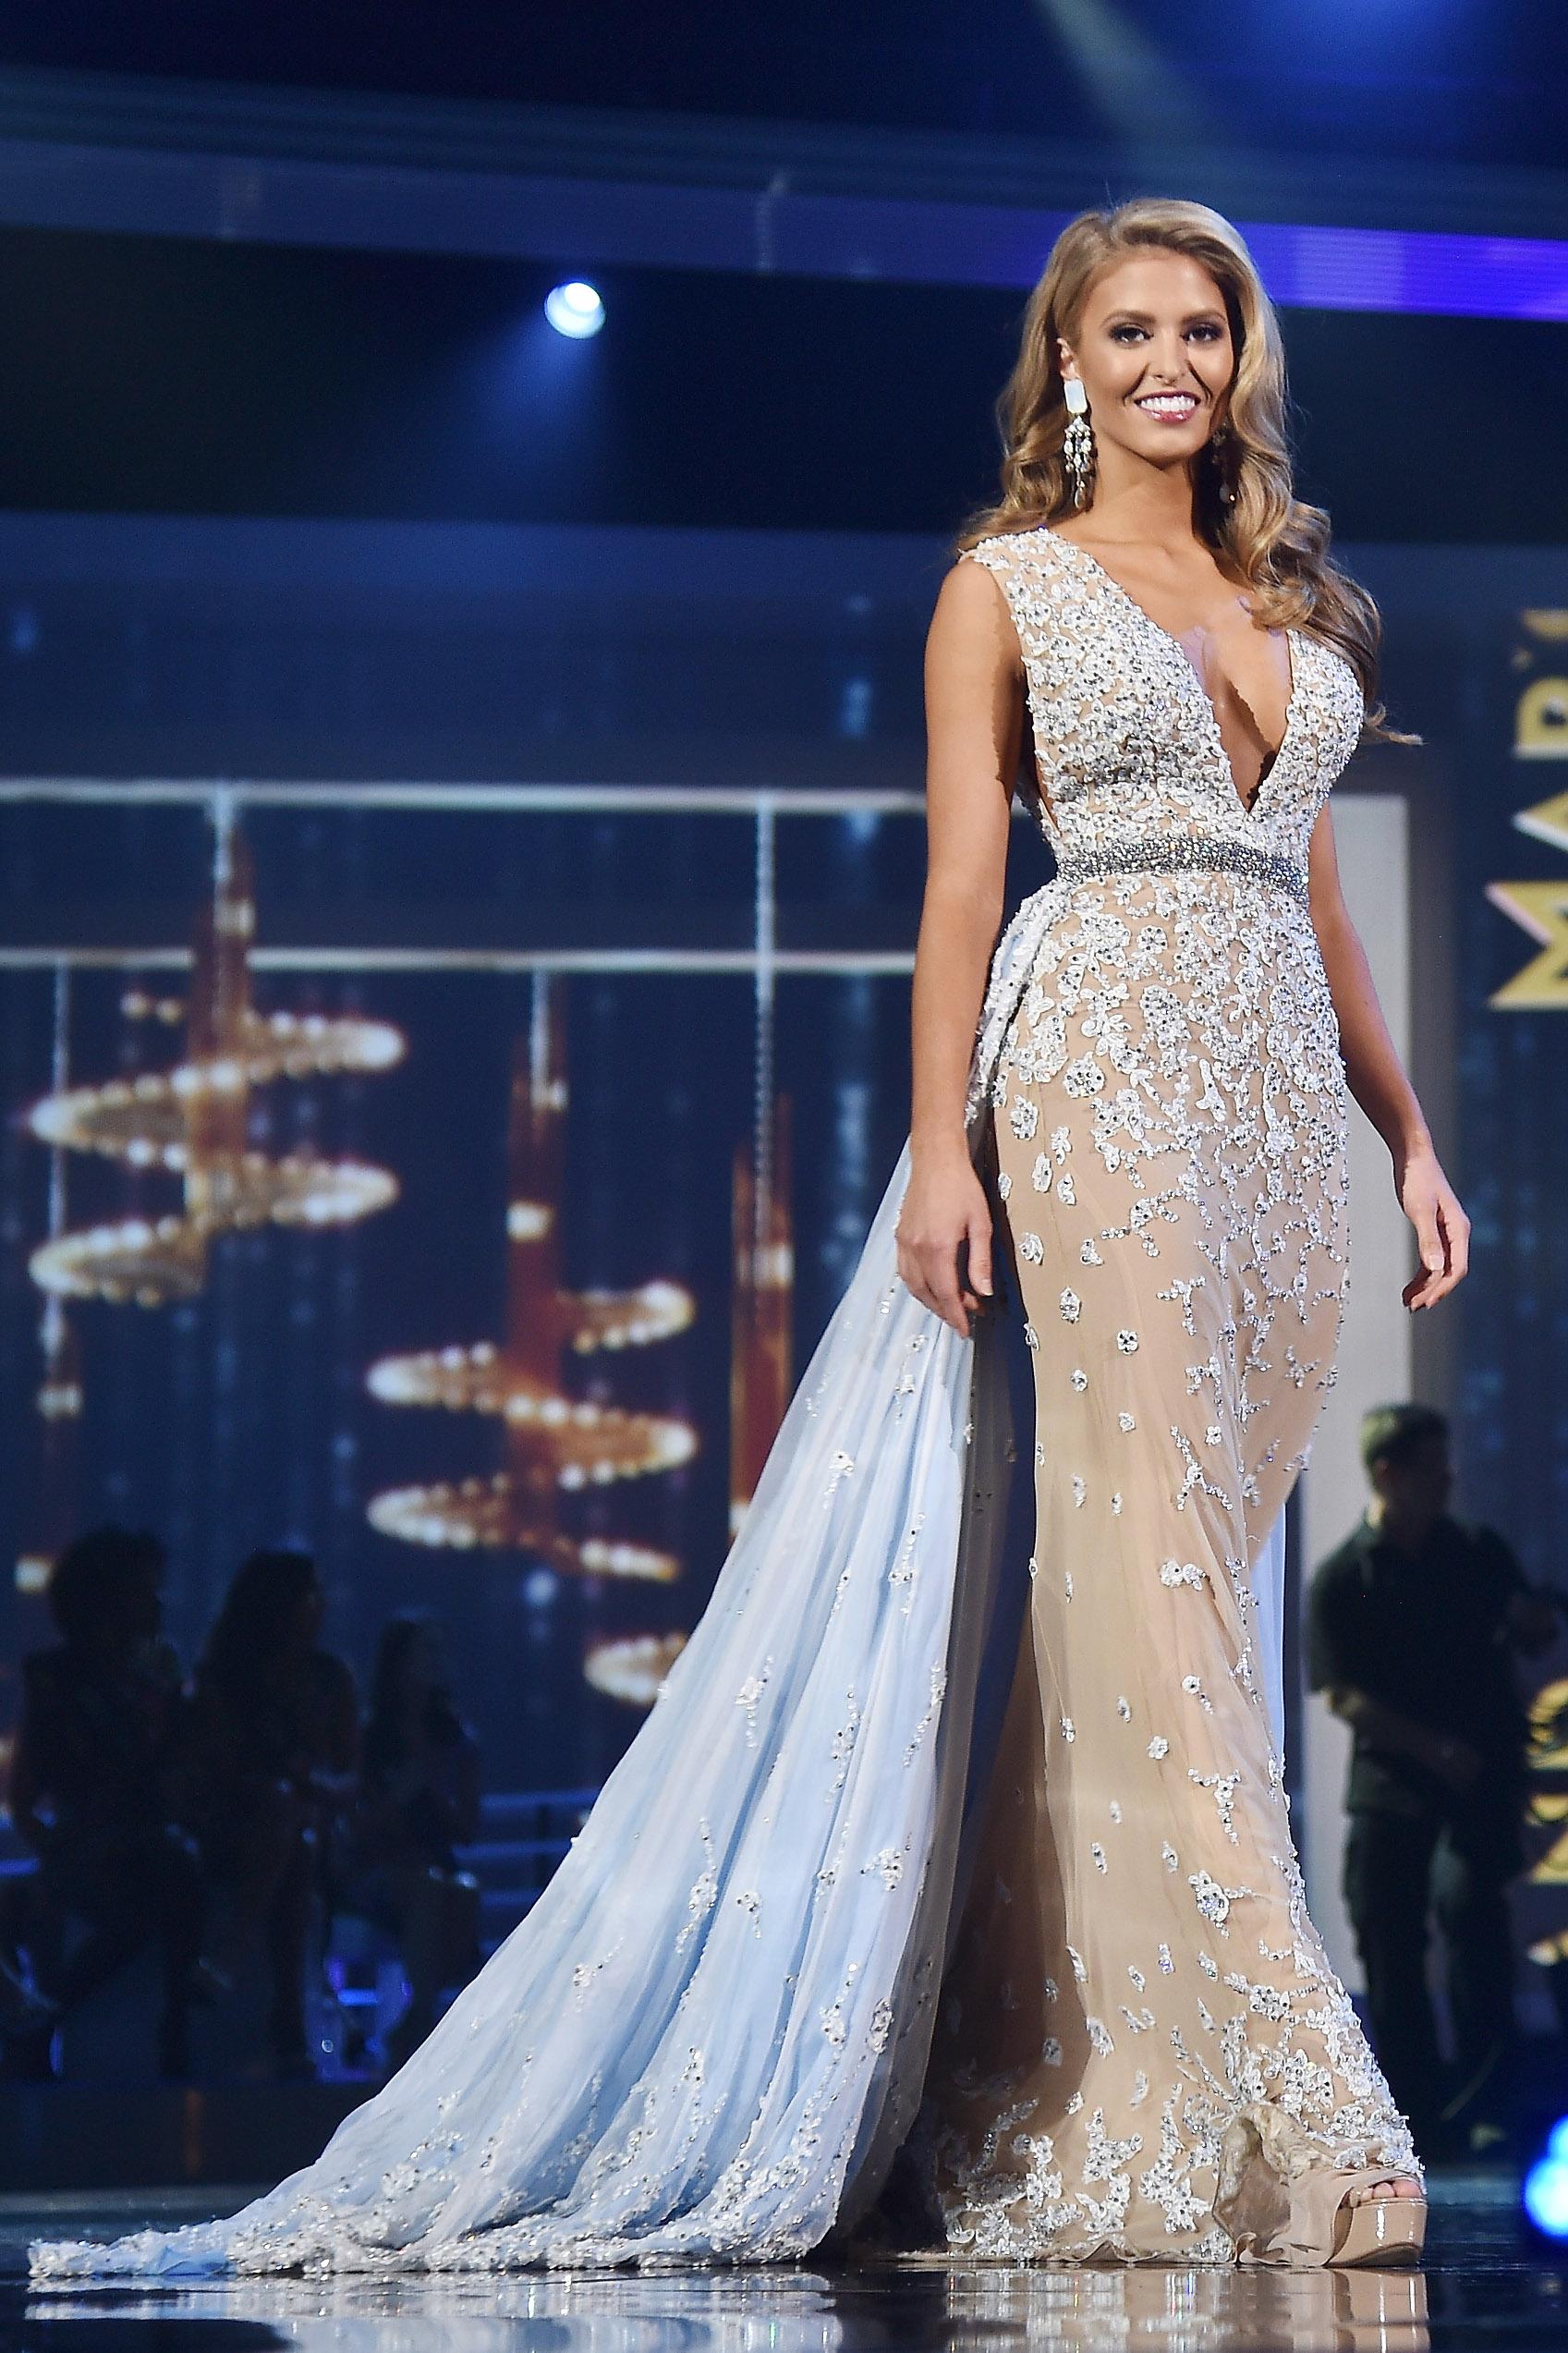 Miss Missouri USA 2017 First Runner-Up Evening Gown